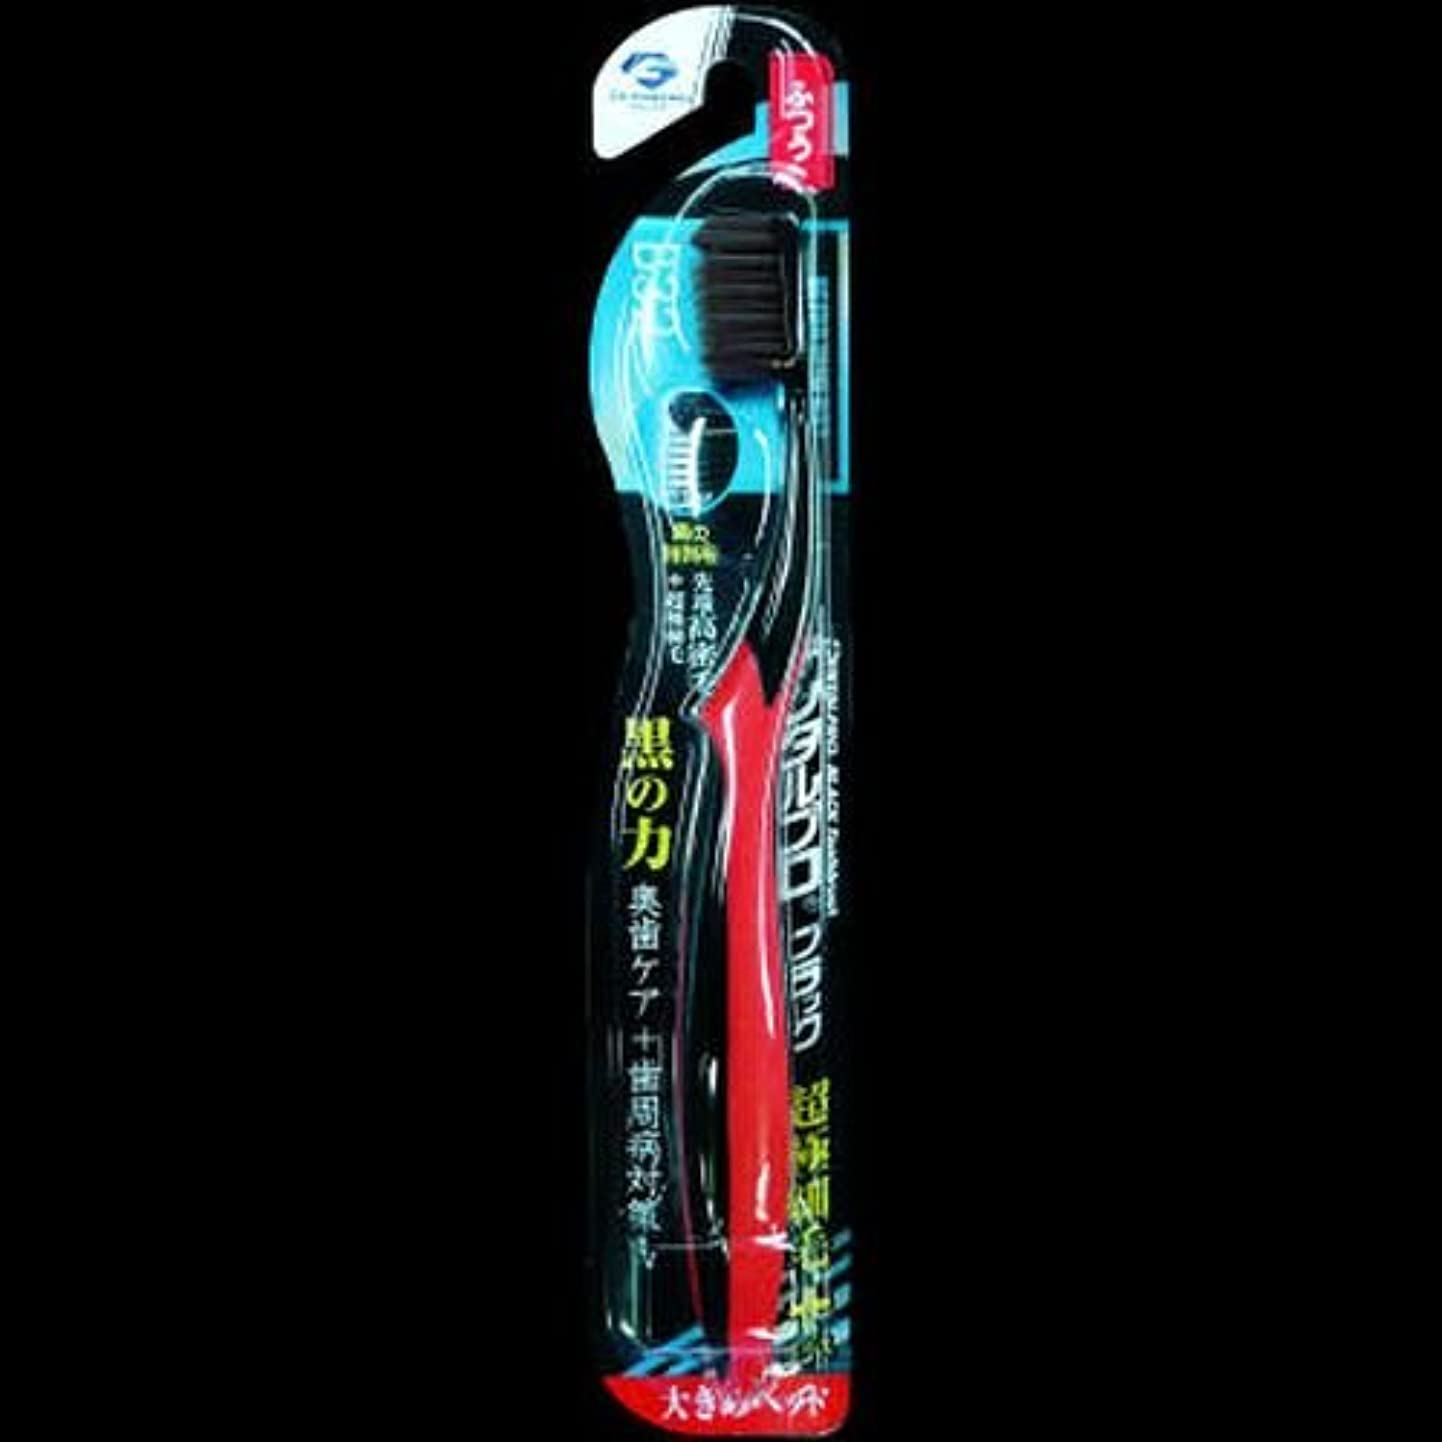 訴える小説家符号デンタルプロ ブラック歯ブラシ 超極細毛プラス大きめヘッド ふつう ×2セット